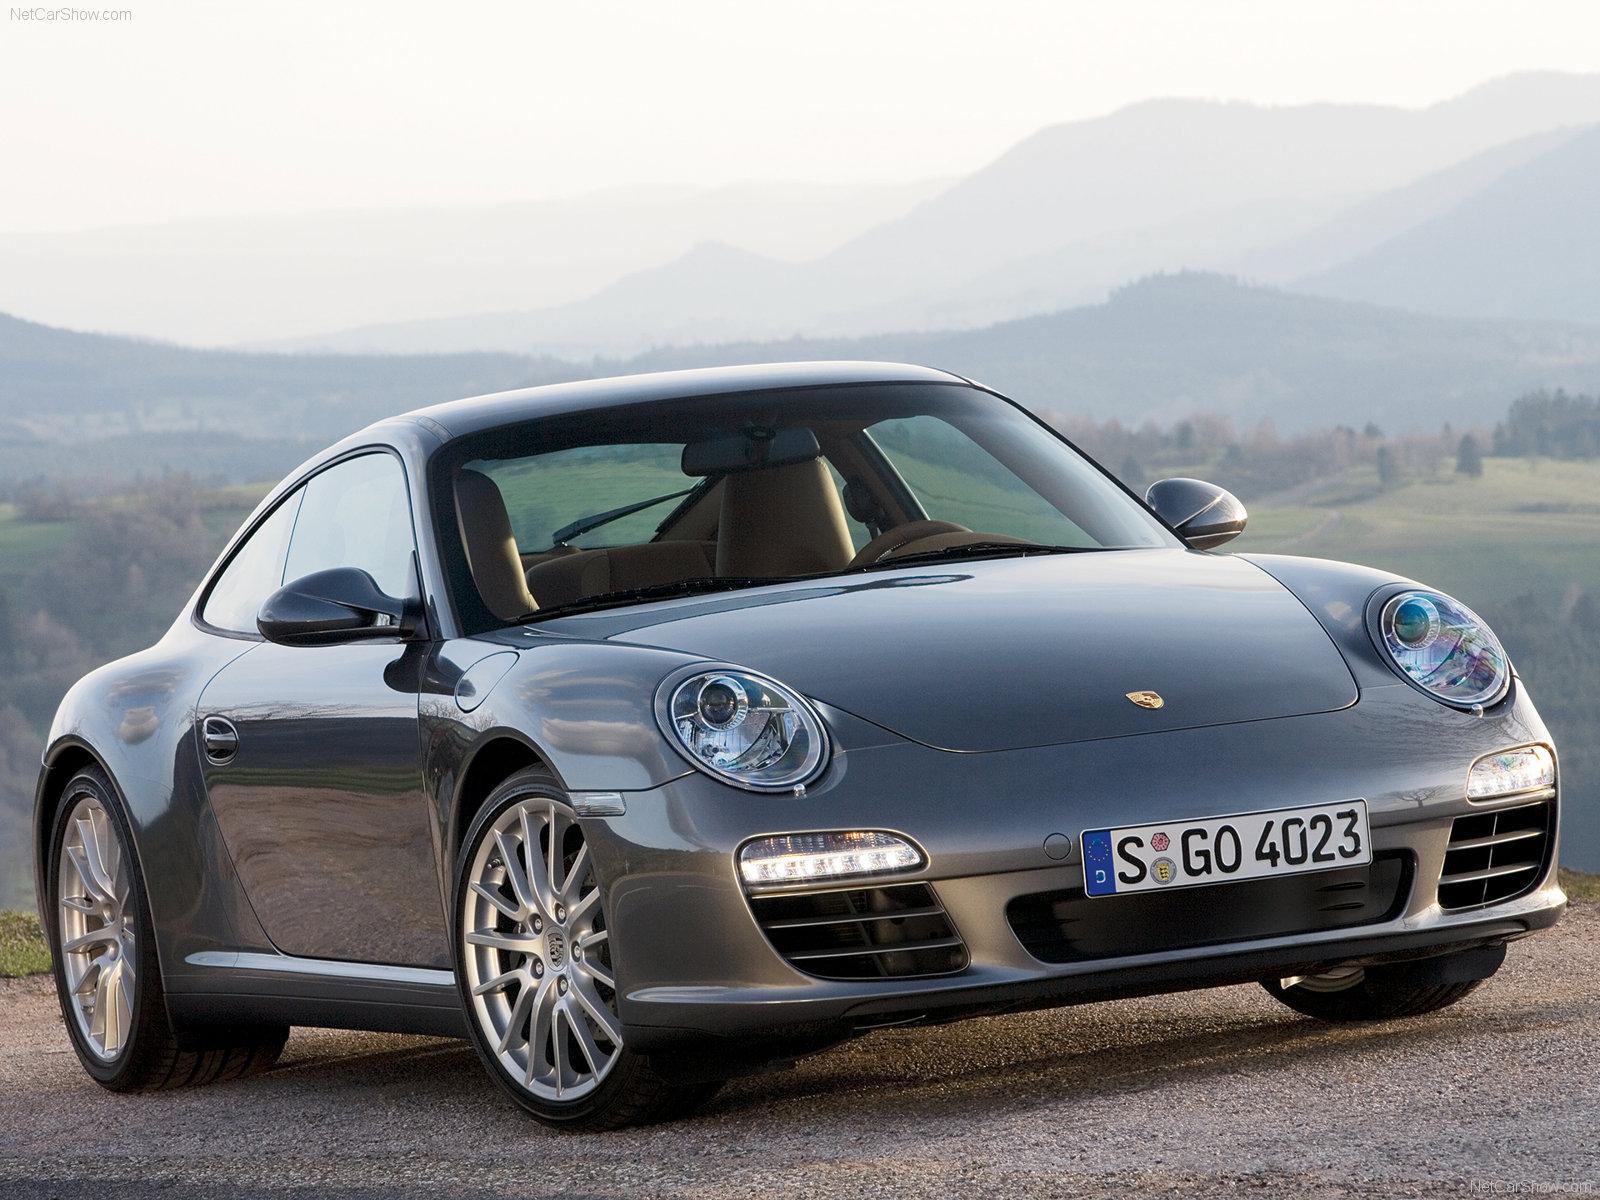 porsche wallpapers grey porsche 911 2009 grey porsche 911 carrera 4 1600x1200